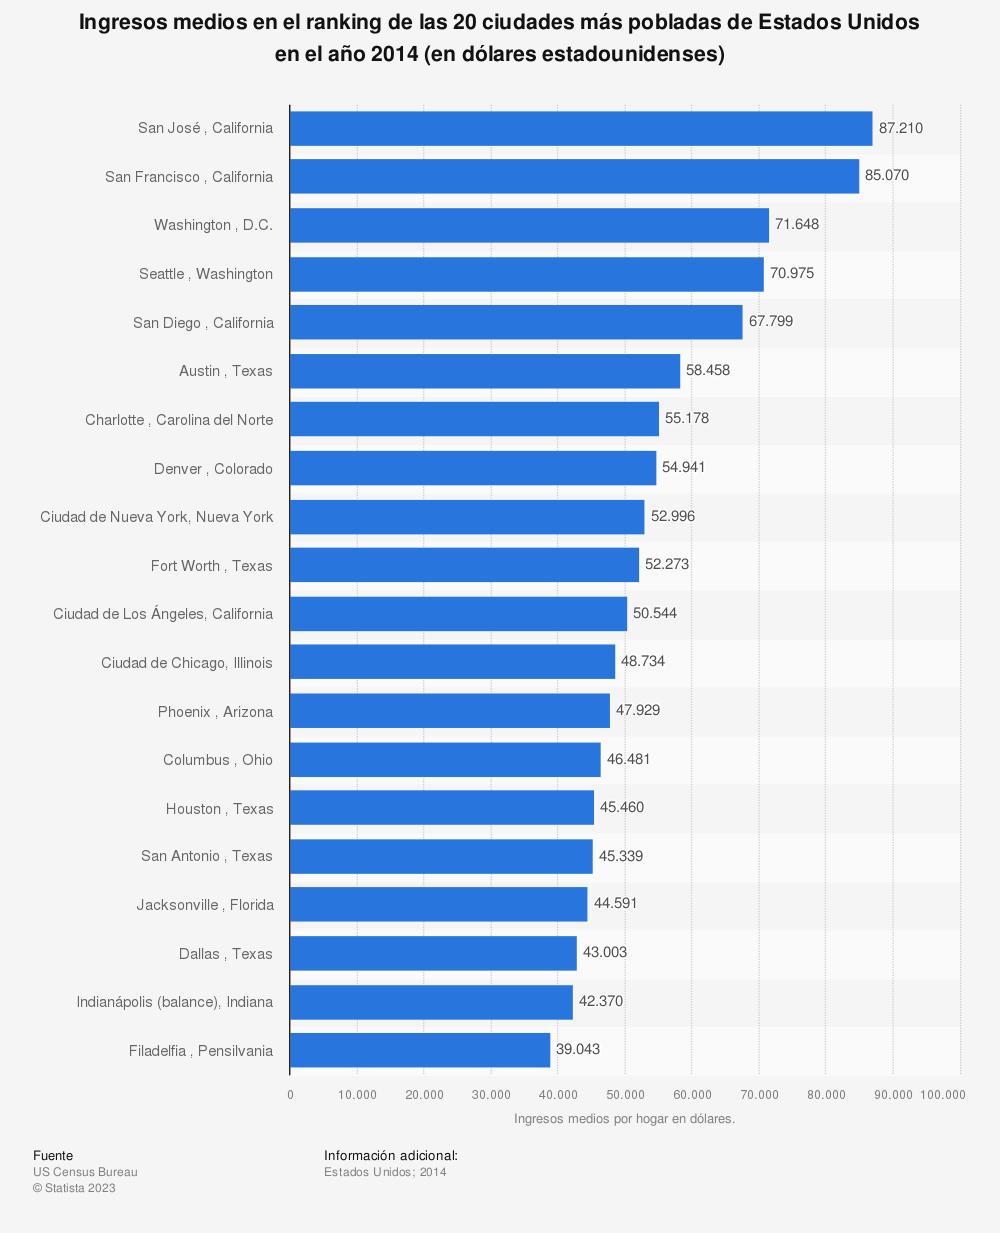 Estadística: Ingresos medios en el ranking de las 20 ciudades más pobladas de Estados Unidos en el año 2014 (en dólares estadounidenses) | Statista